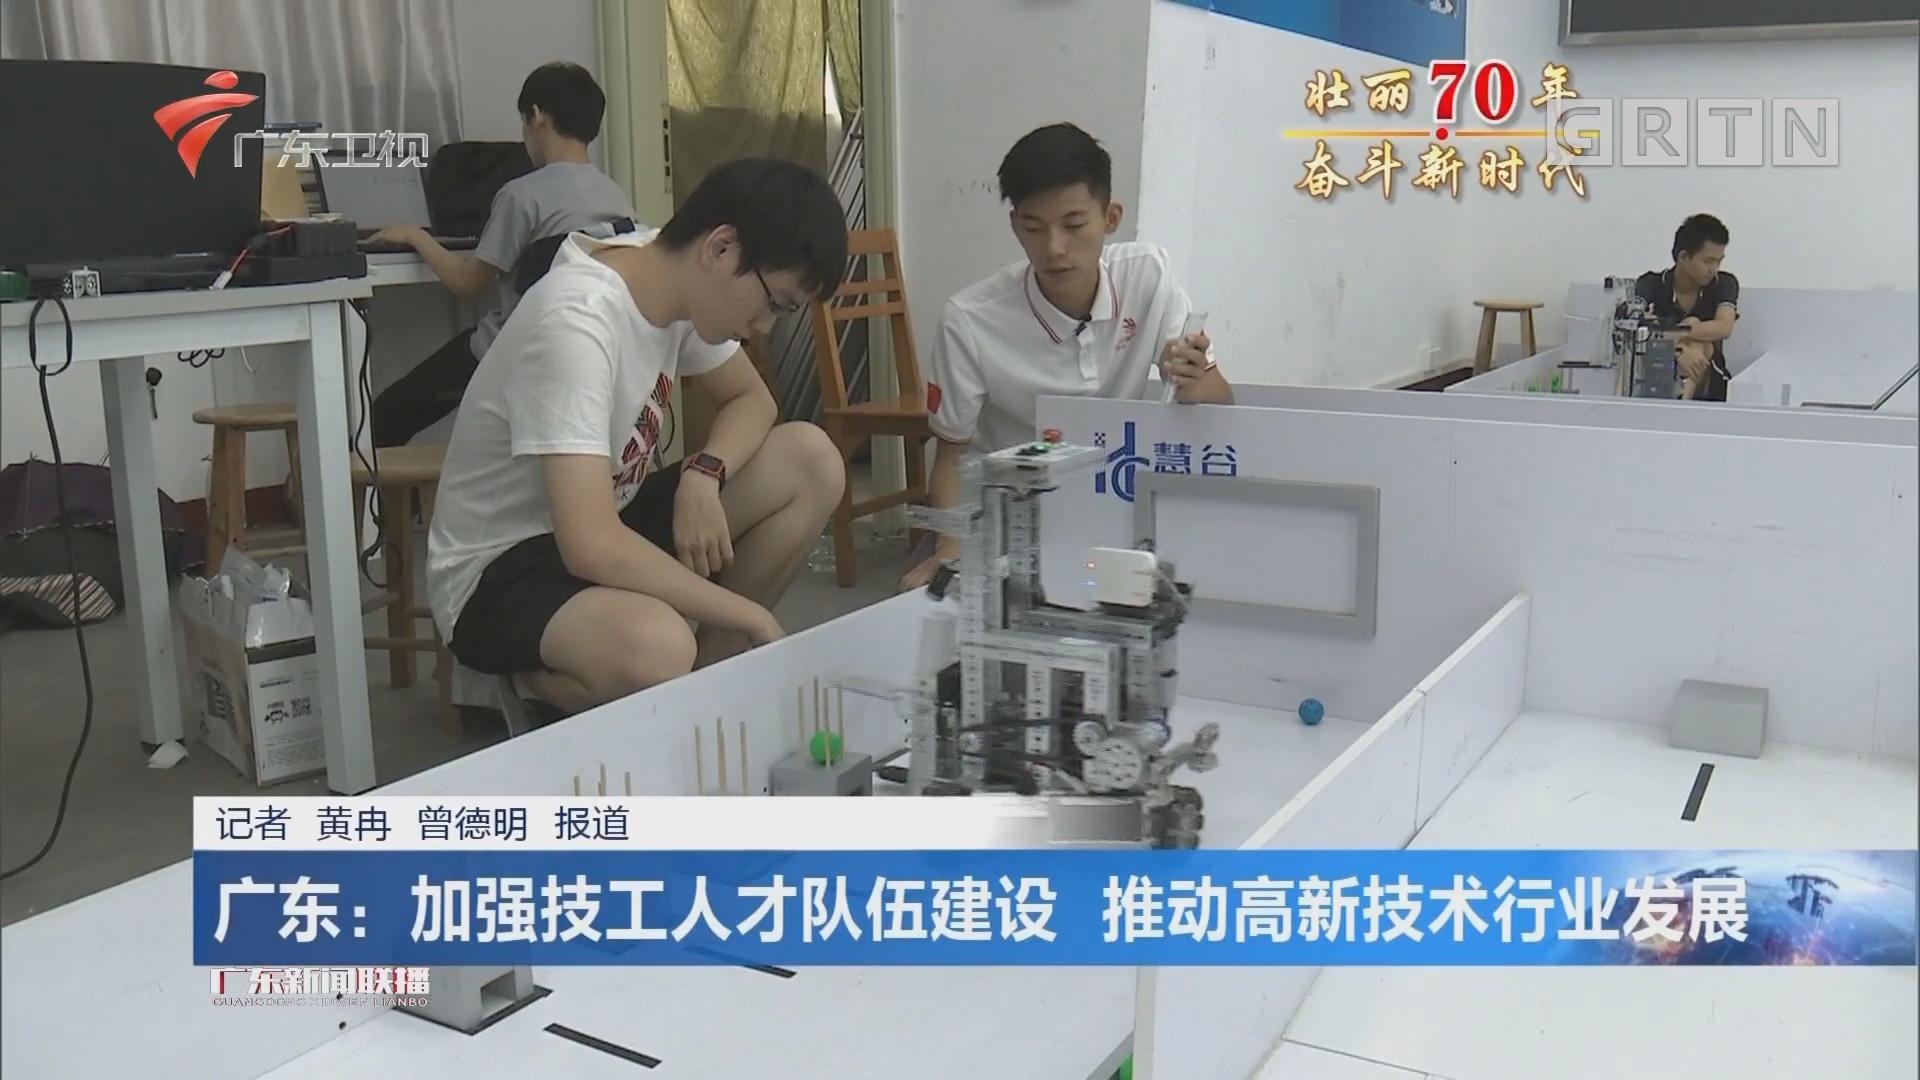 广东:加强技工人才队伍建设 推动高新技术行业发展